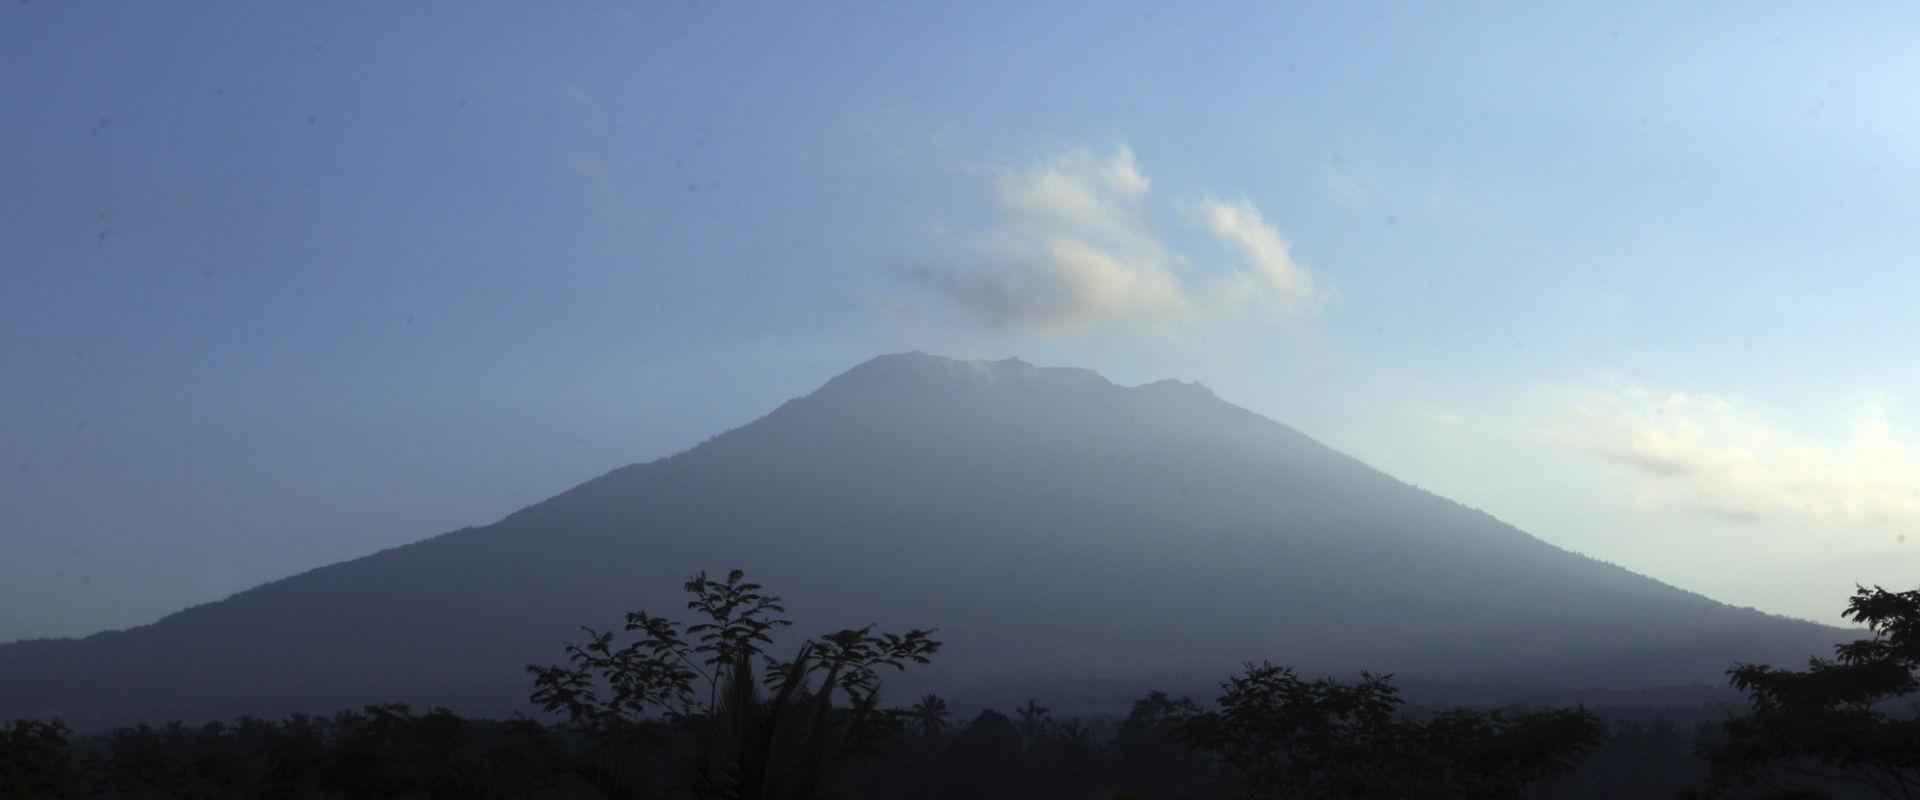 הר הגעש אגונג שבבאלי, אינדונזיה